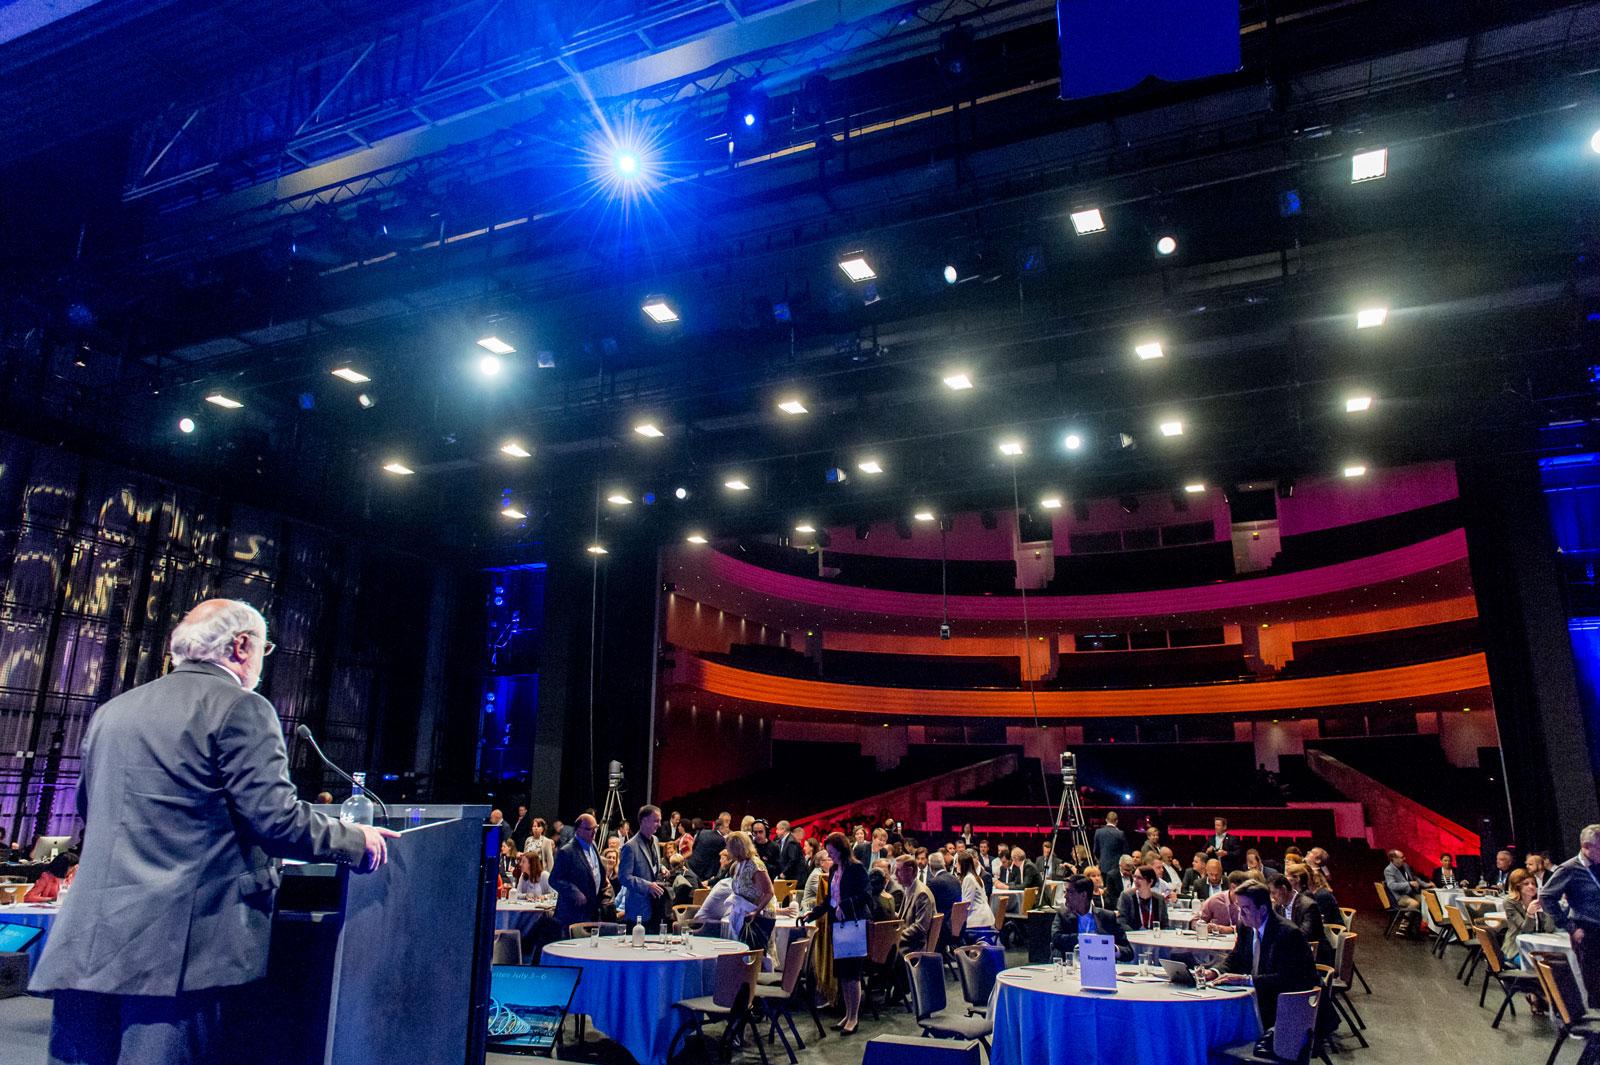 Arrière scène du grand auditorium de la Cité des congrès de Nantes événement congrès soirée de gala